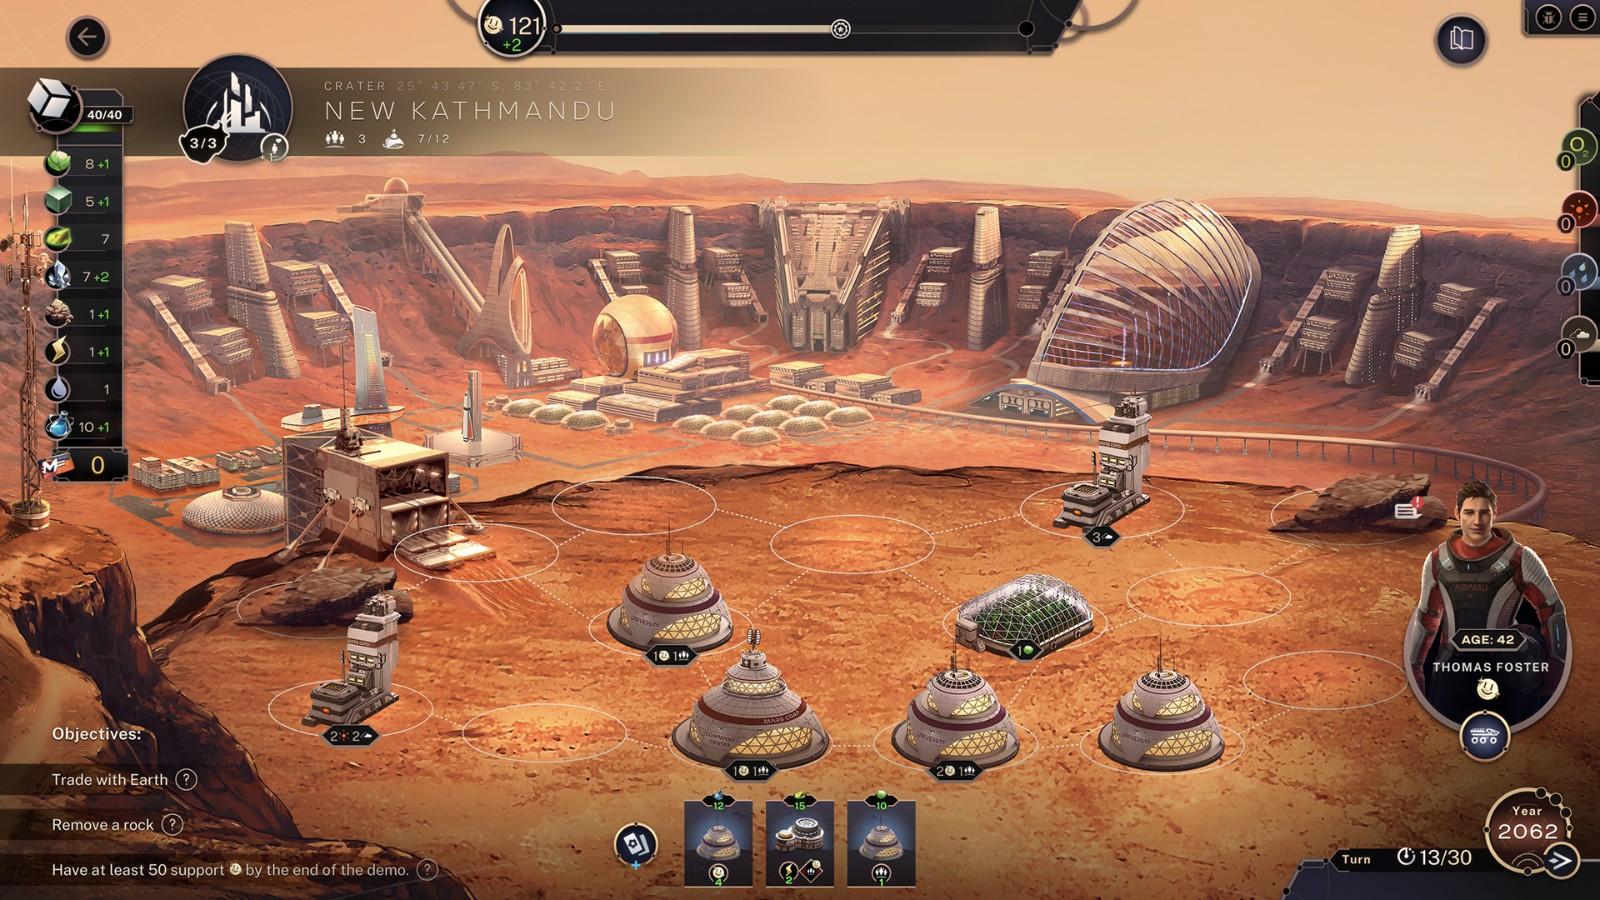 火星建设策略游戏《Terraformers》2022年登陆PC和NS